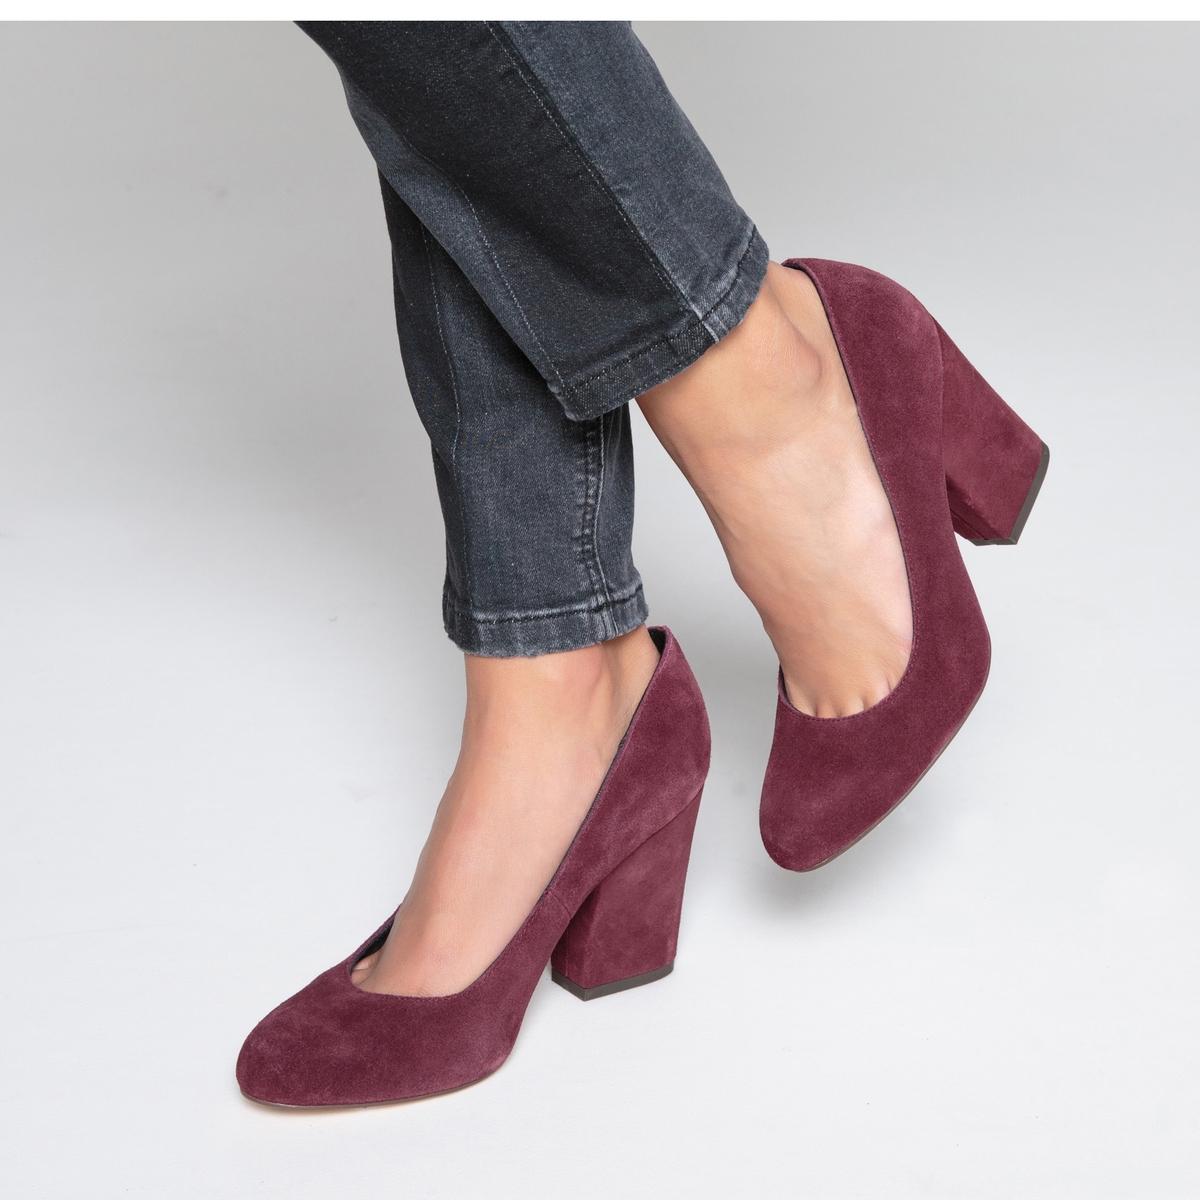 Туфли кожаные на широком каблукеОписание •  Широкий каблук •  Высота каблука : 9 см •  Застежка : без застежки •  Закругленный мысок •  Гладкая отделкаСостав и уход •  Верх 100% кожа •  Подкладка 100% хлопок<br><br>Цвет: сливовый,черный<br>Размер: 38